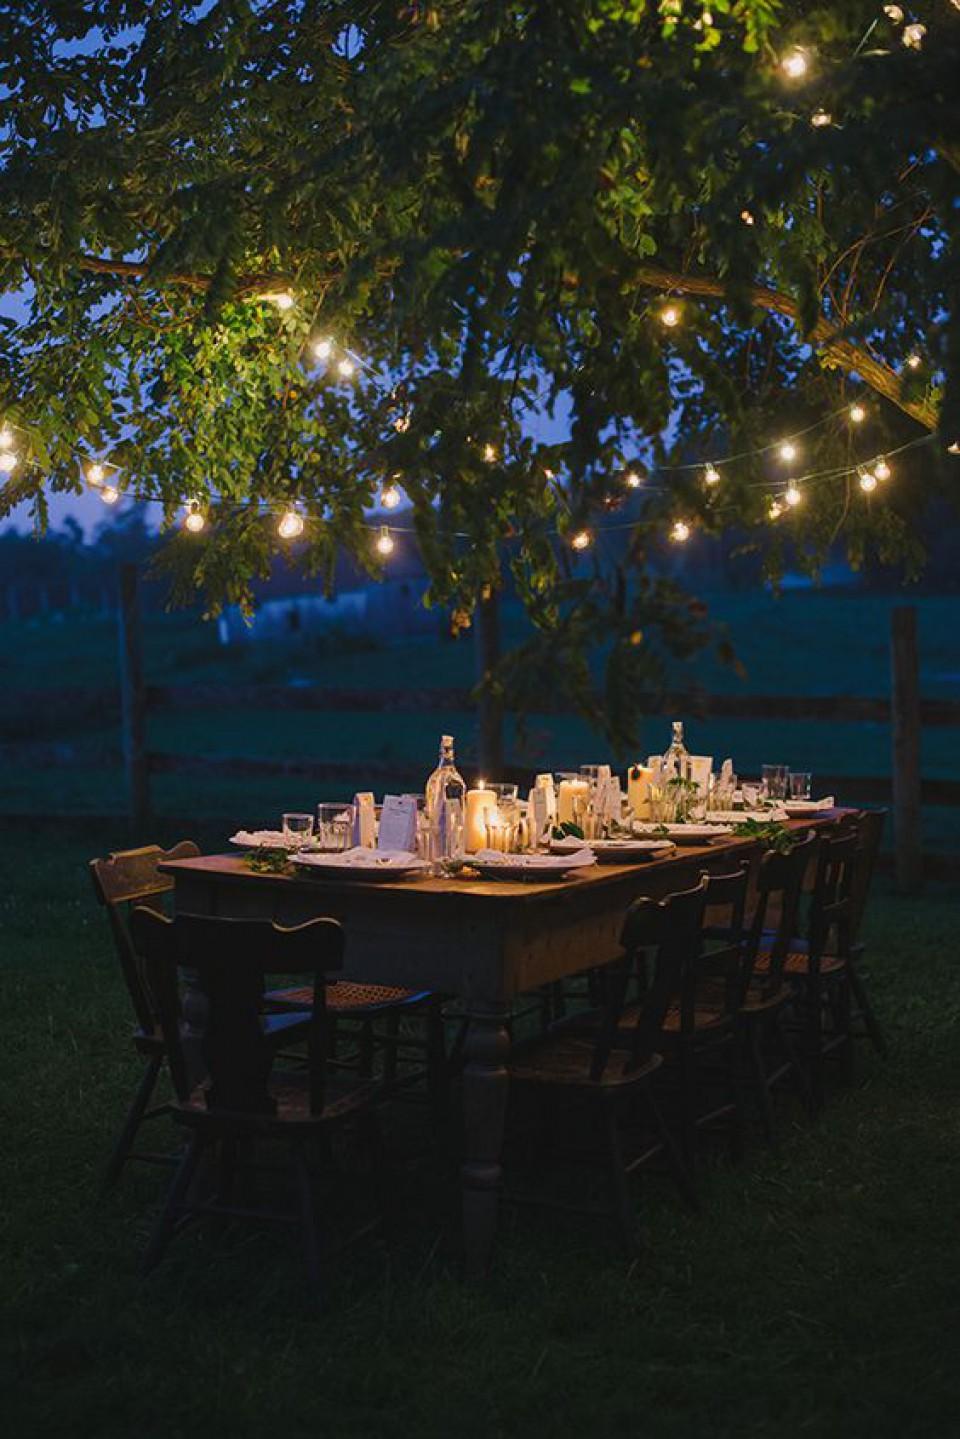 Dengan Menerapkan Konsep Garden Party Ini Di Rumahmu Teman Temanmu Pasti Tercengang Konsep Ini Khusus Buat Kalian Yang Kece Dan Berani Tampil Beda Furnizing